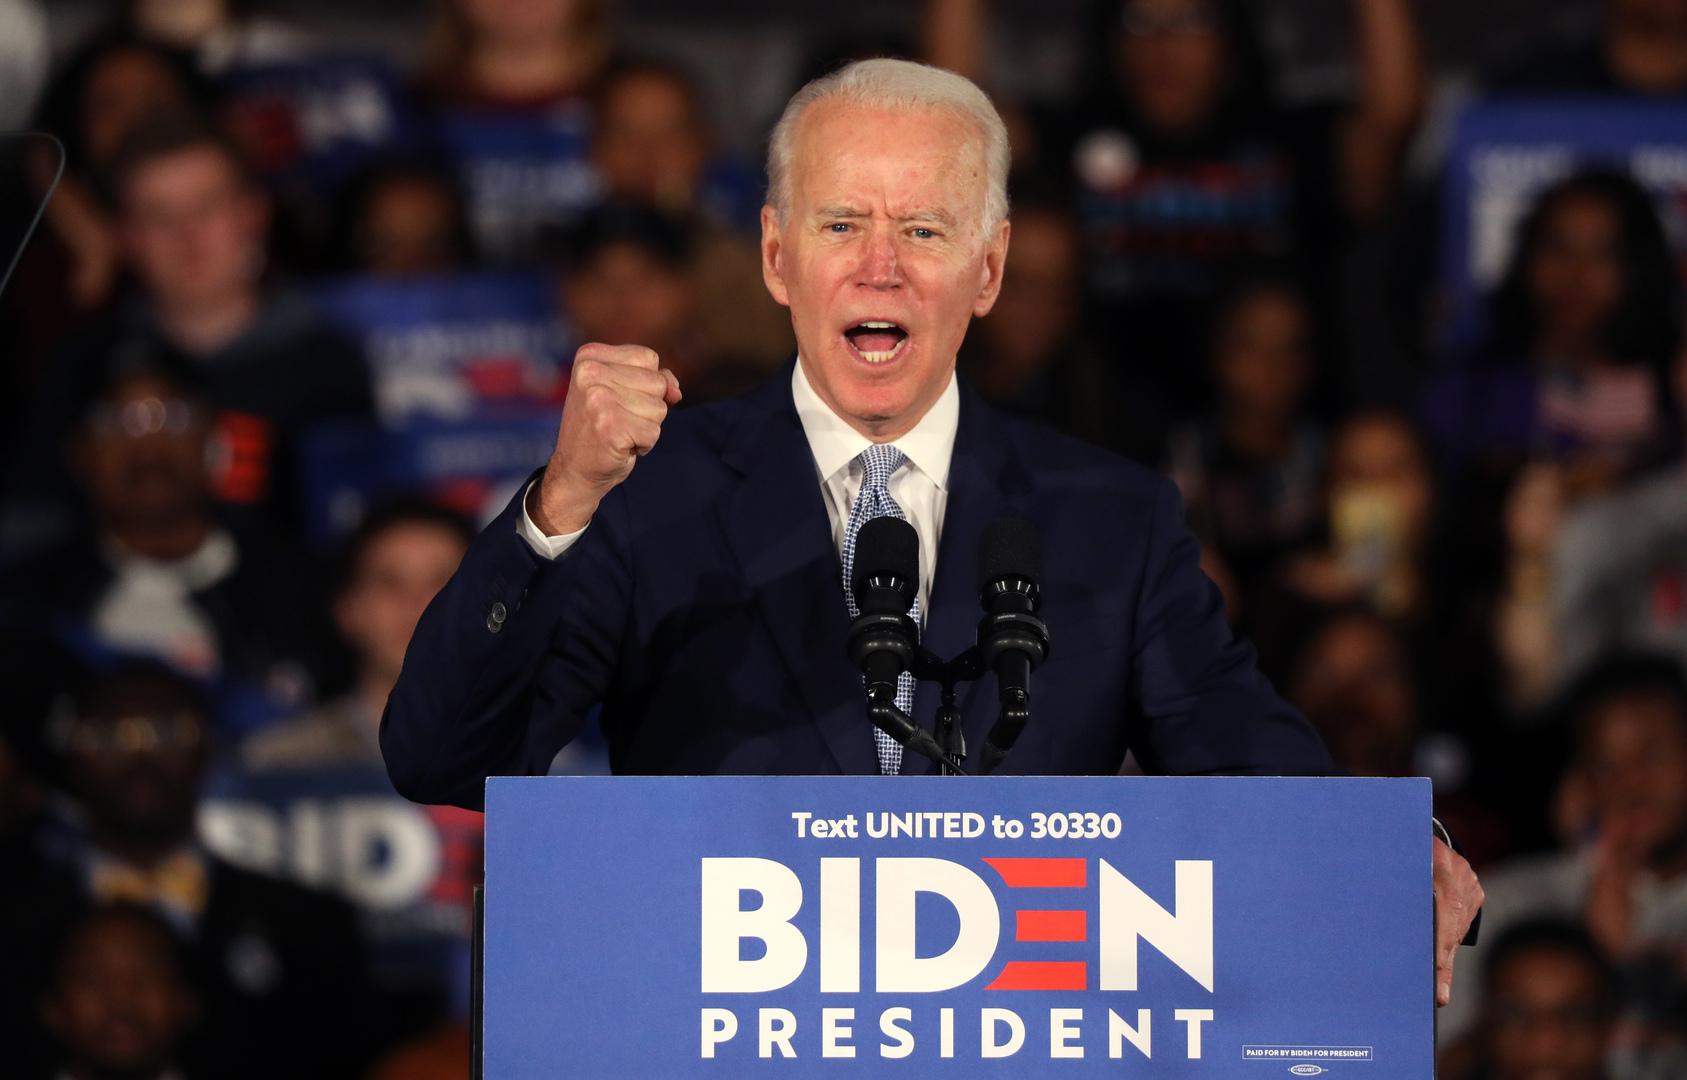 بعد سلسلة إخفاقات.. بايدن يفوز بانتخابات الحزب الديمقراطي في كارولاينا الجنوبية